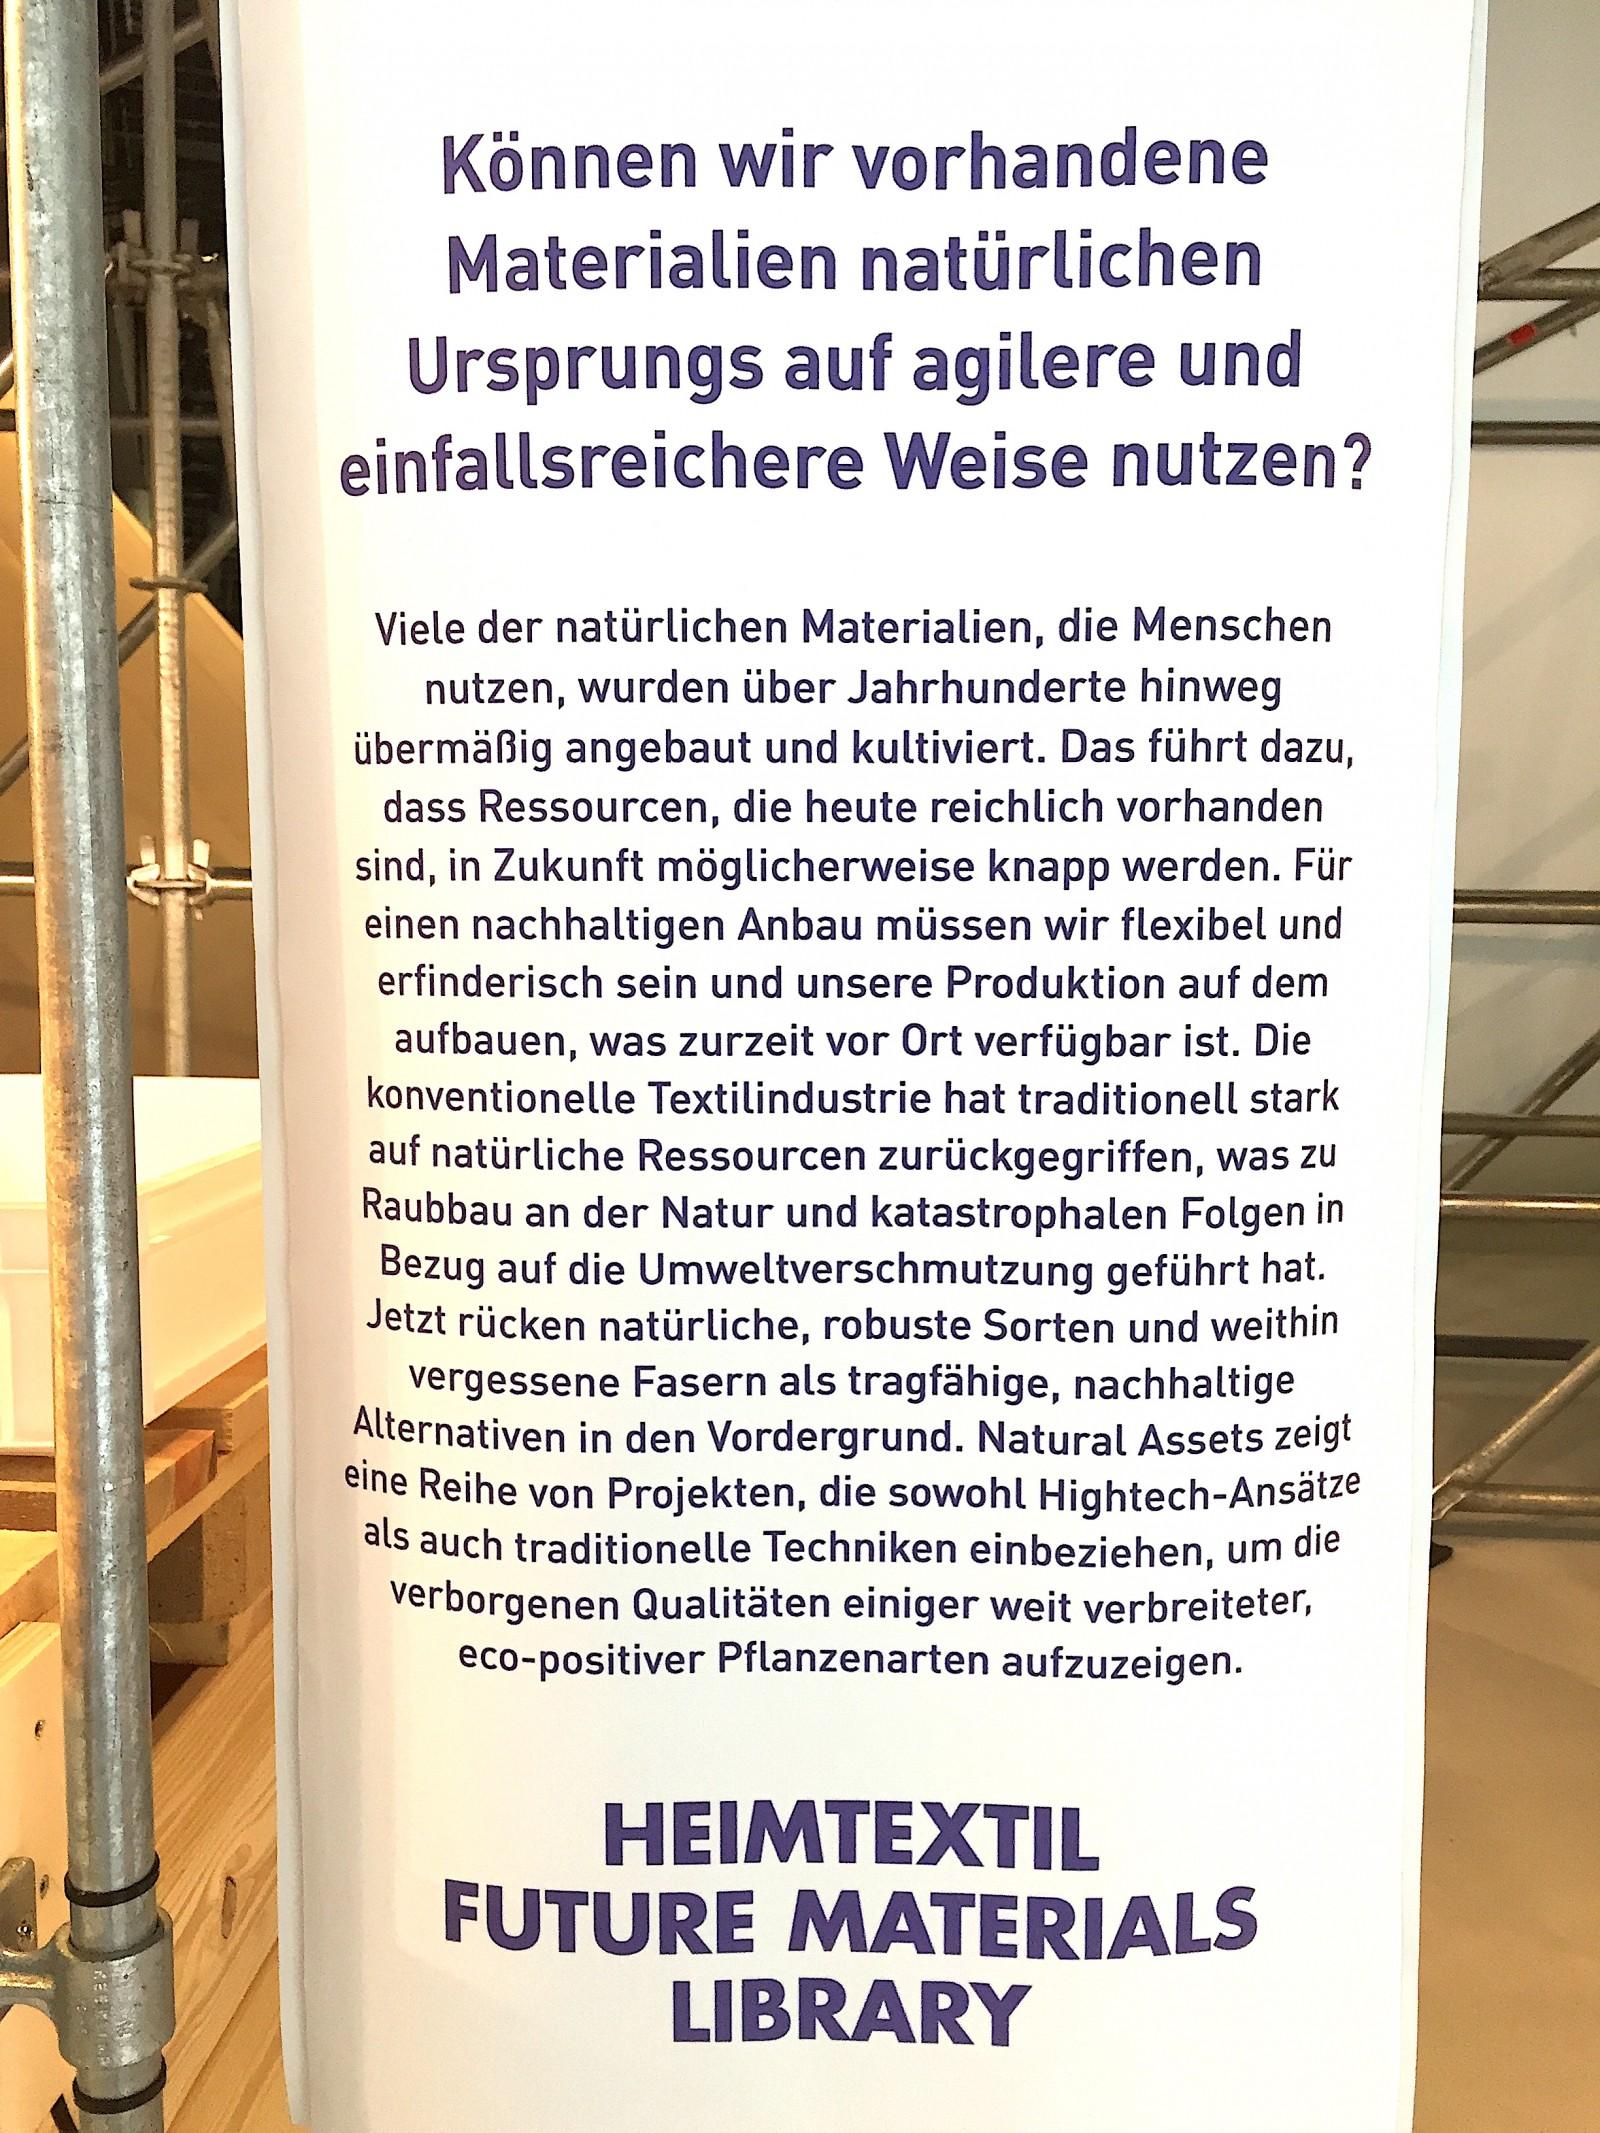 Heimtextil - Materialien der Zukunft